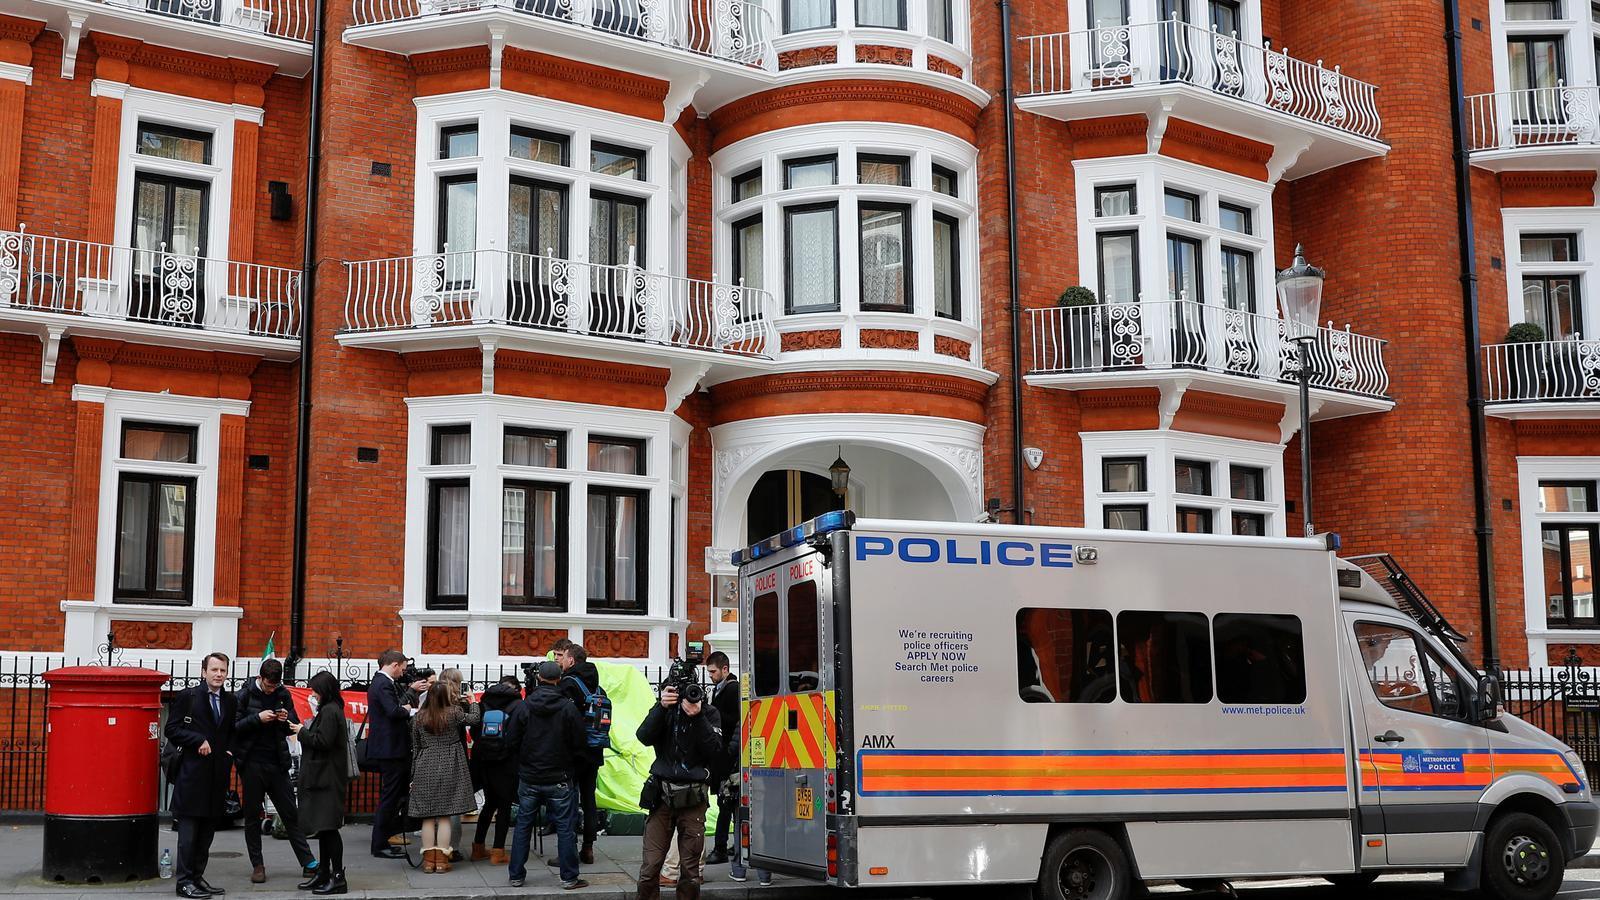 La policia britànica deté Julian Assange a Londres després que l'Equador li hagi retirat l'asil